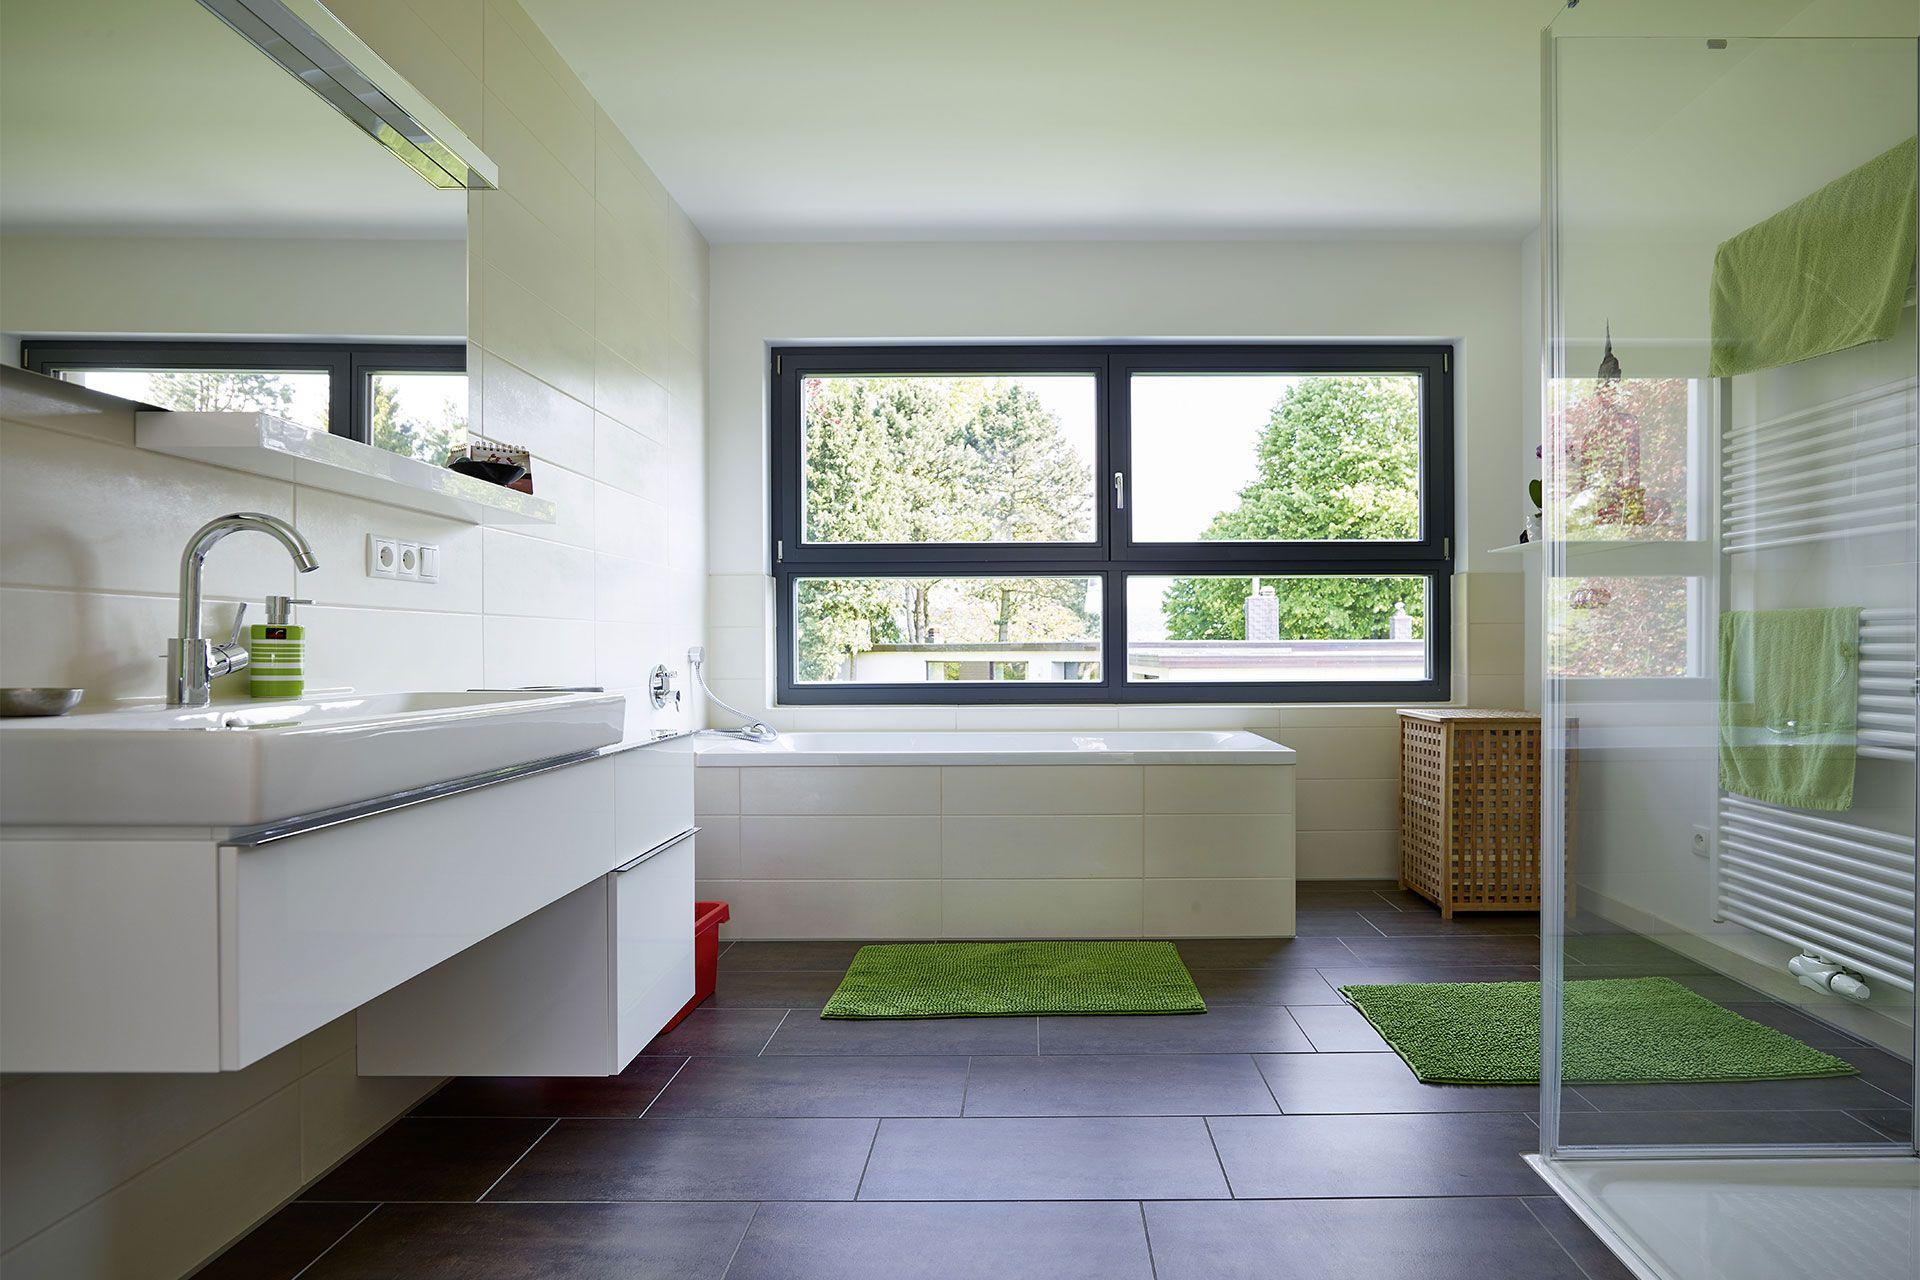 Wunderbar Farbtrends Für Küchengeräte Bilder - Ideen Für Die Küche ...